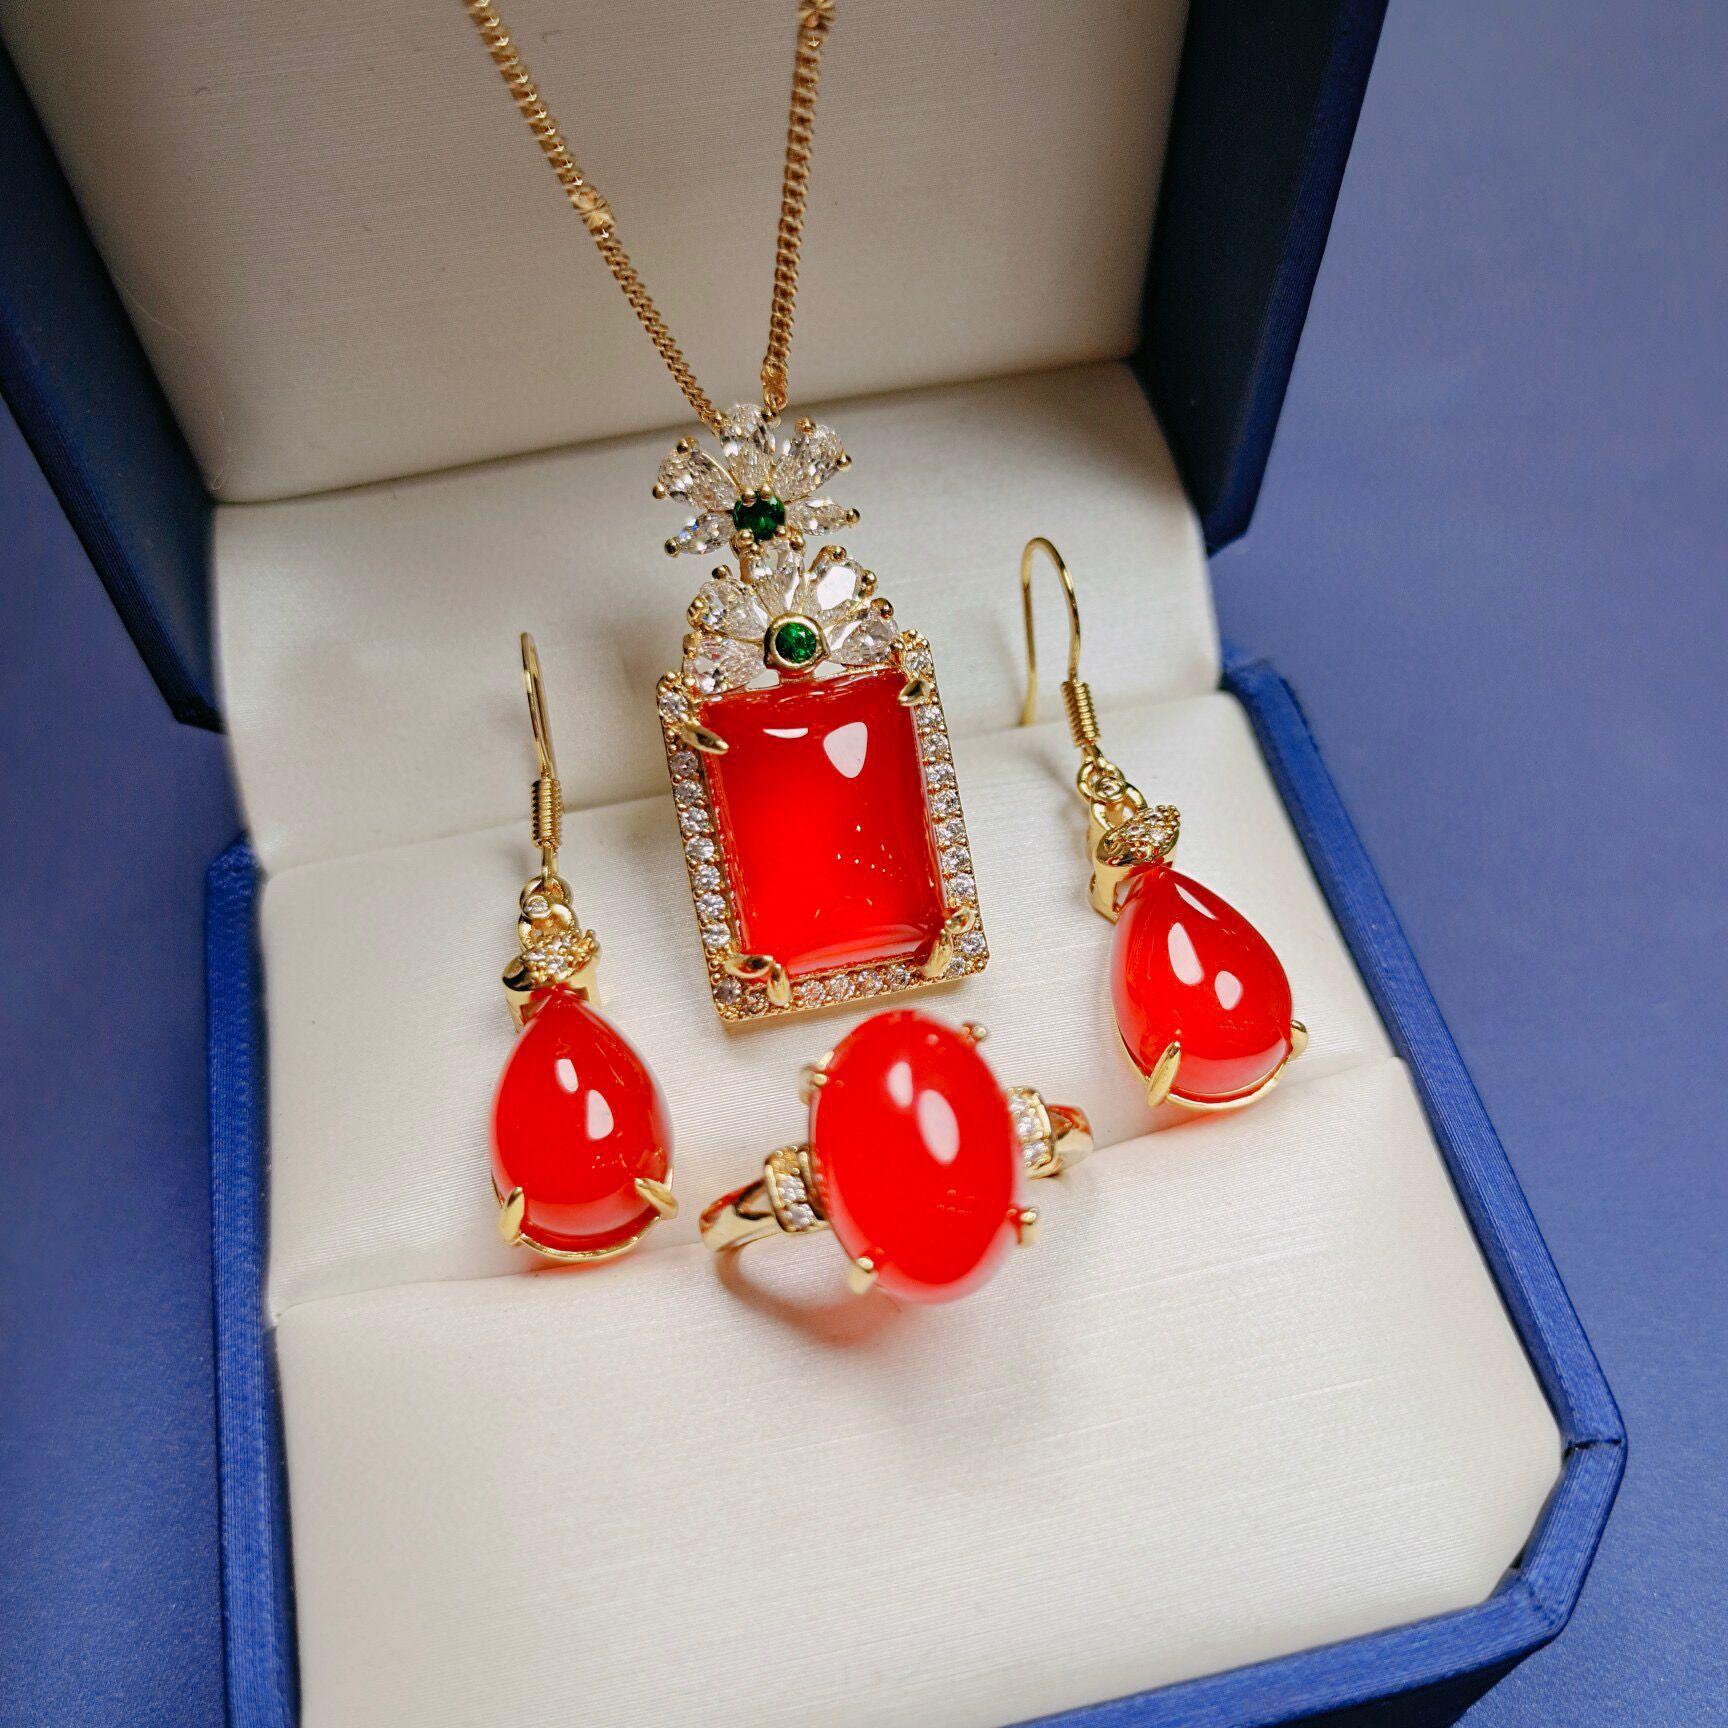 天然冰種高品質項鍊 耳釘 戒指 玉髓鑲嵌紅玉髓三件套套裝